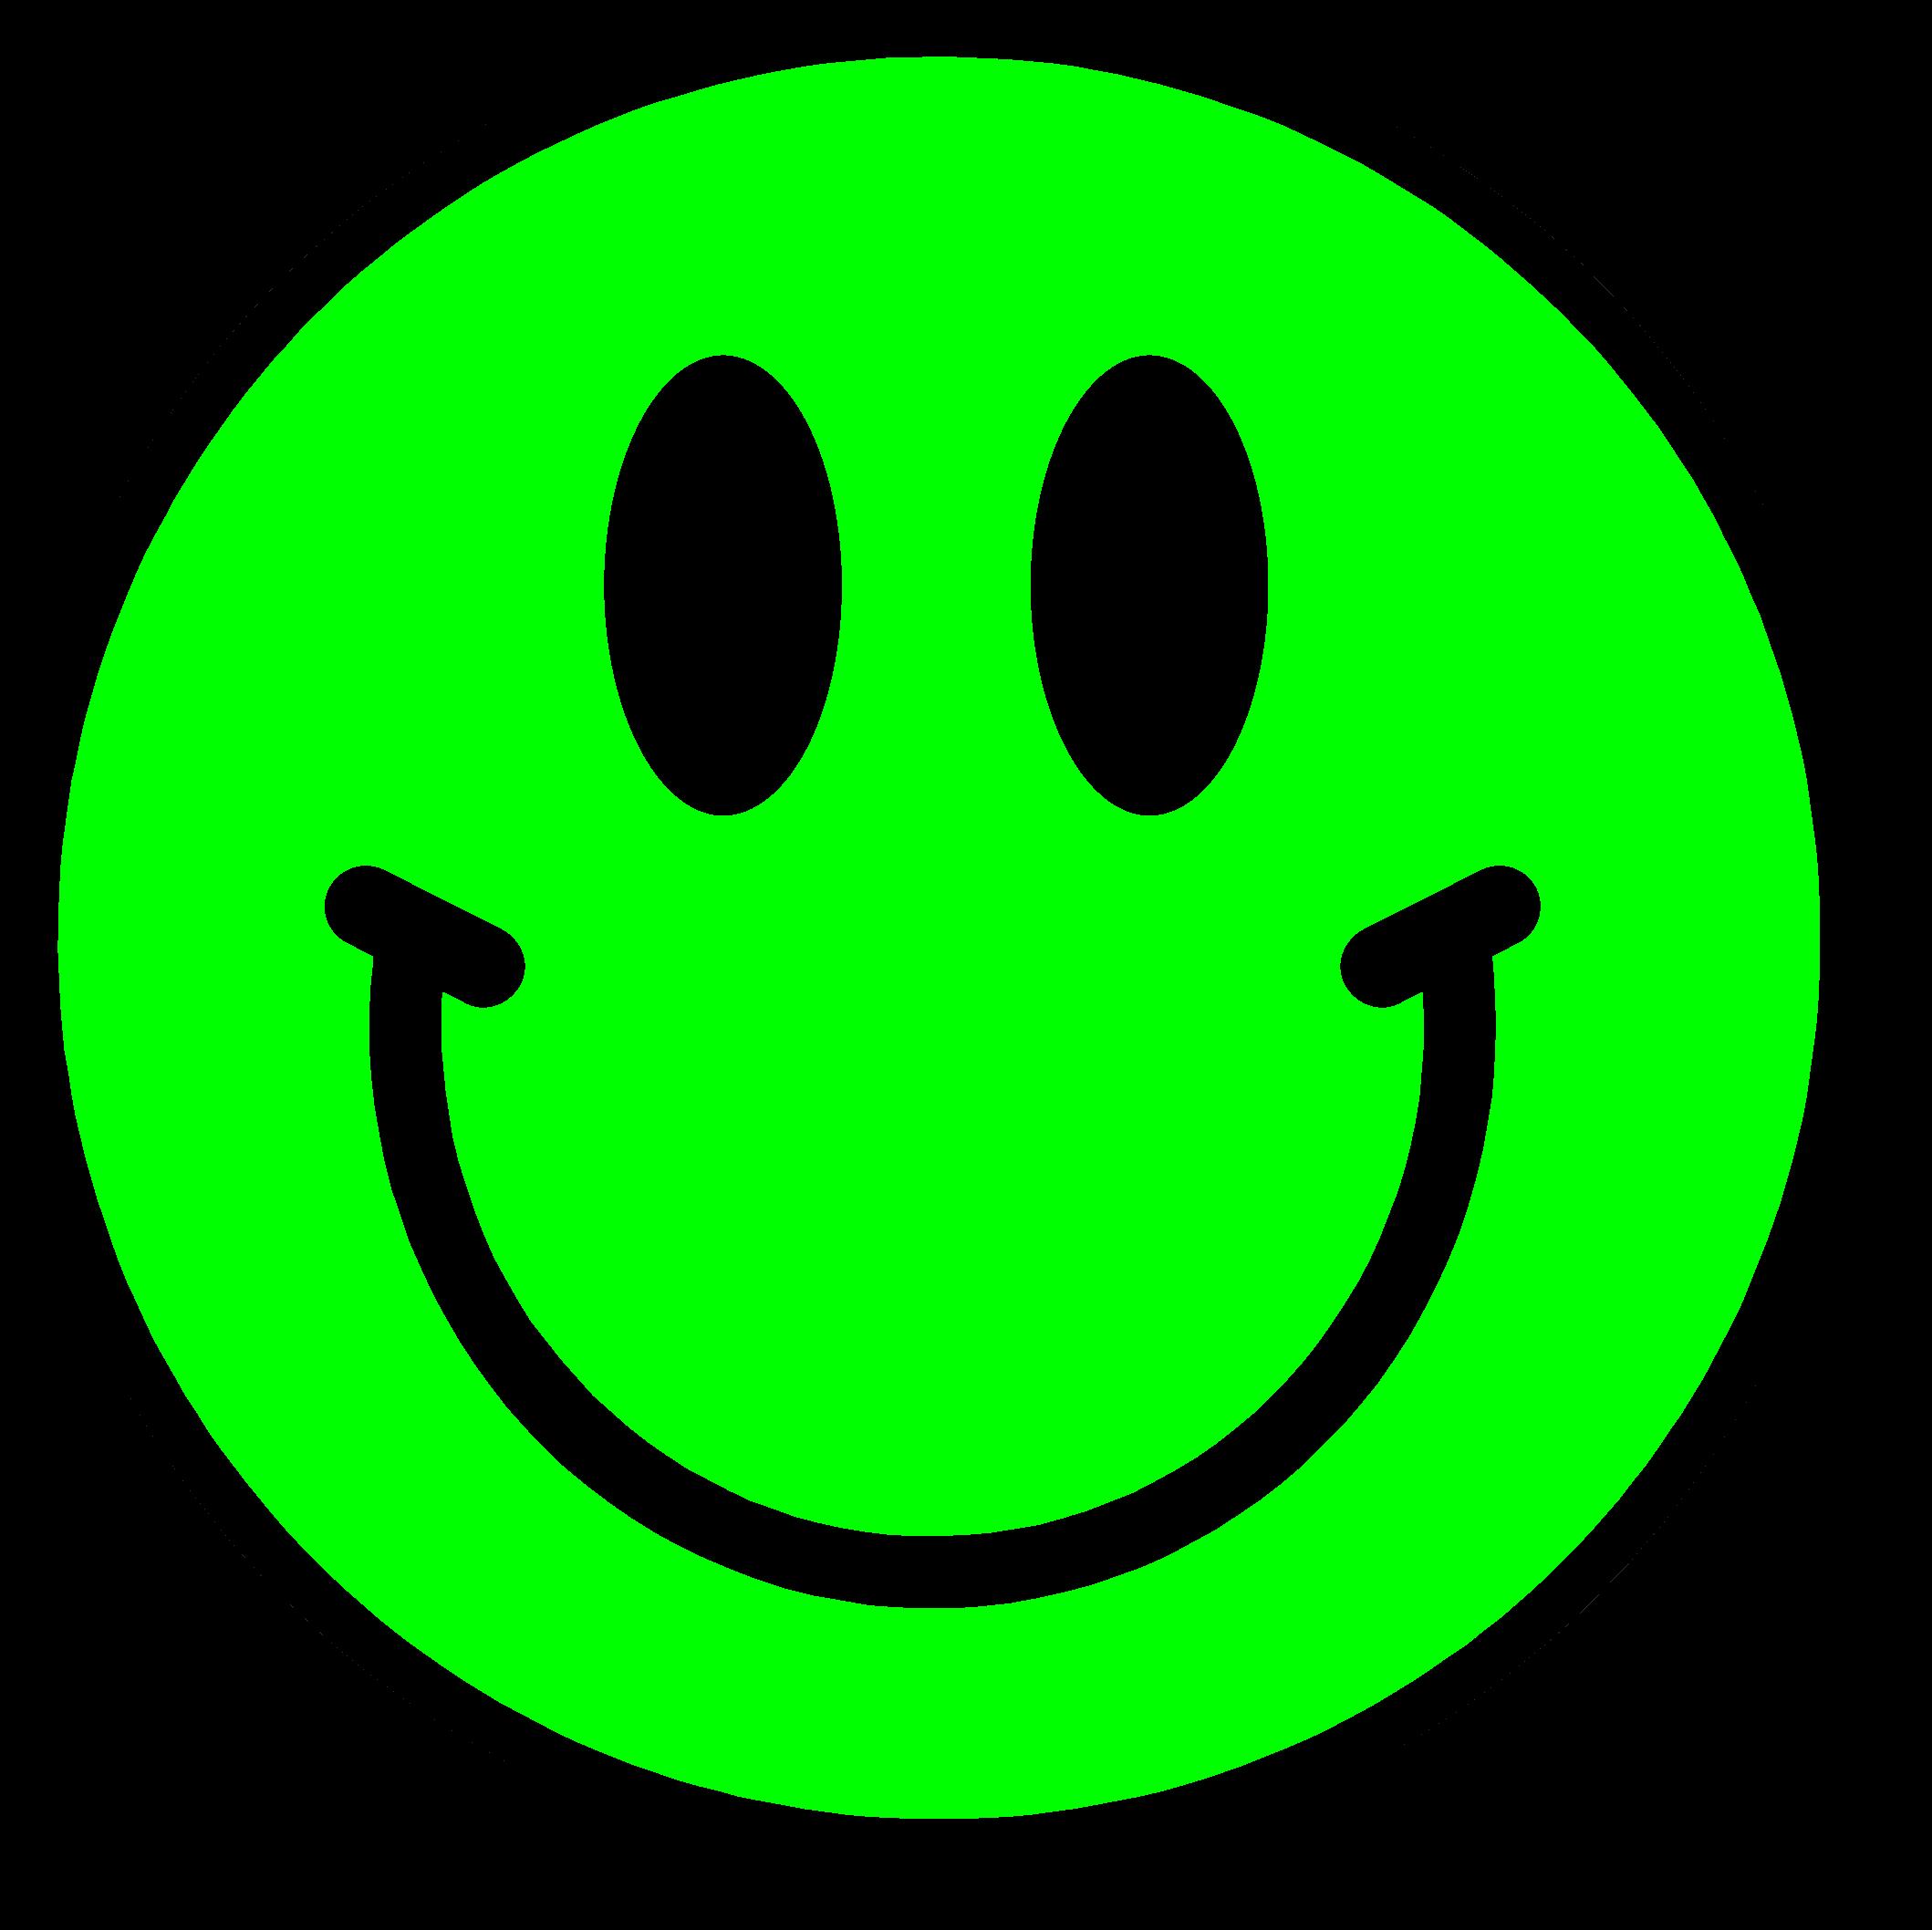 Clipart baseball smiley face, Clipart baseball smiley face.